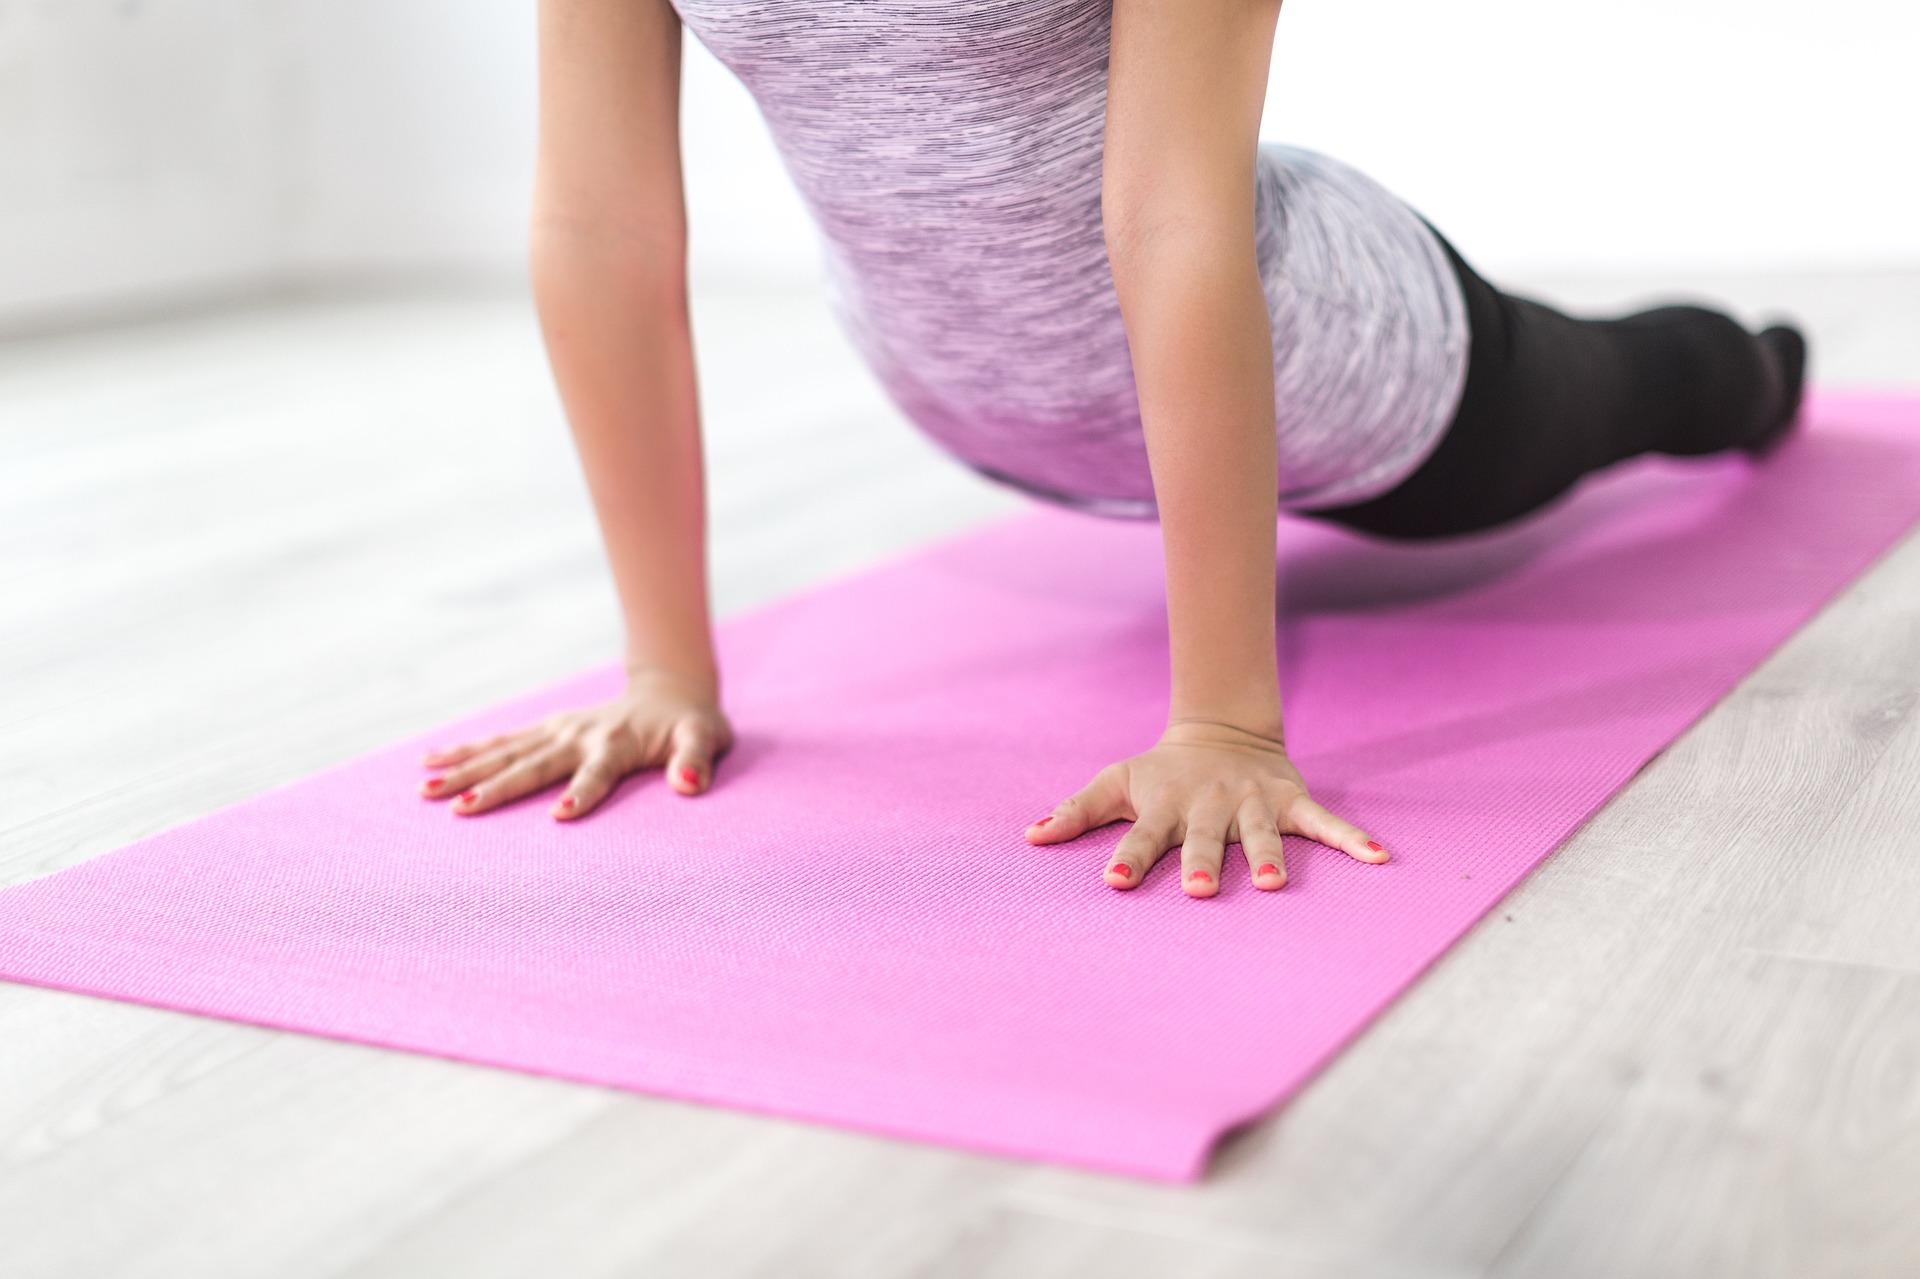 Imagem mostra uma pessoa se exercitando em sua casa.